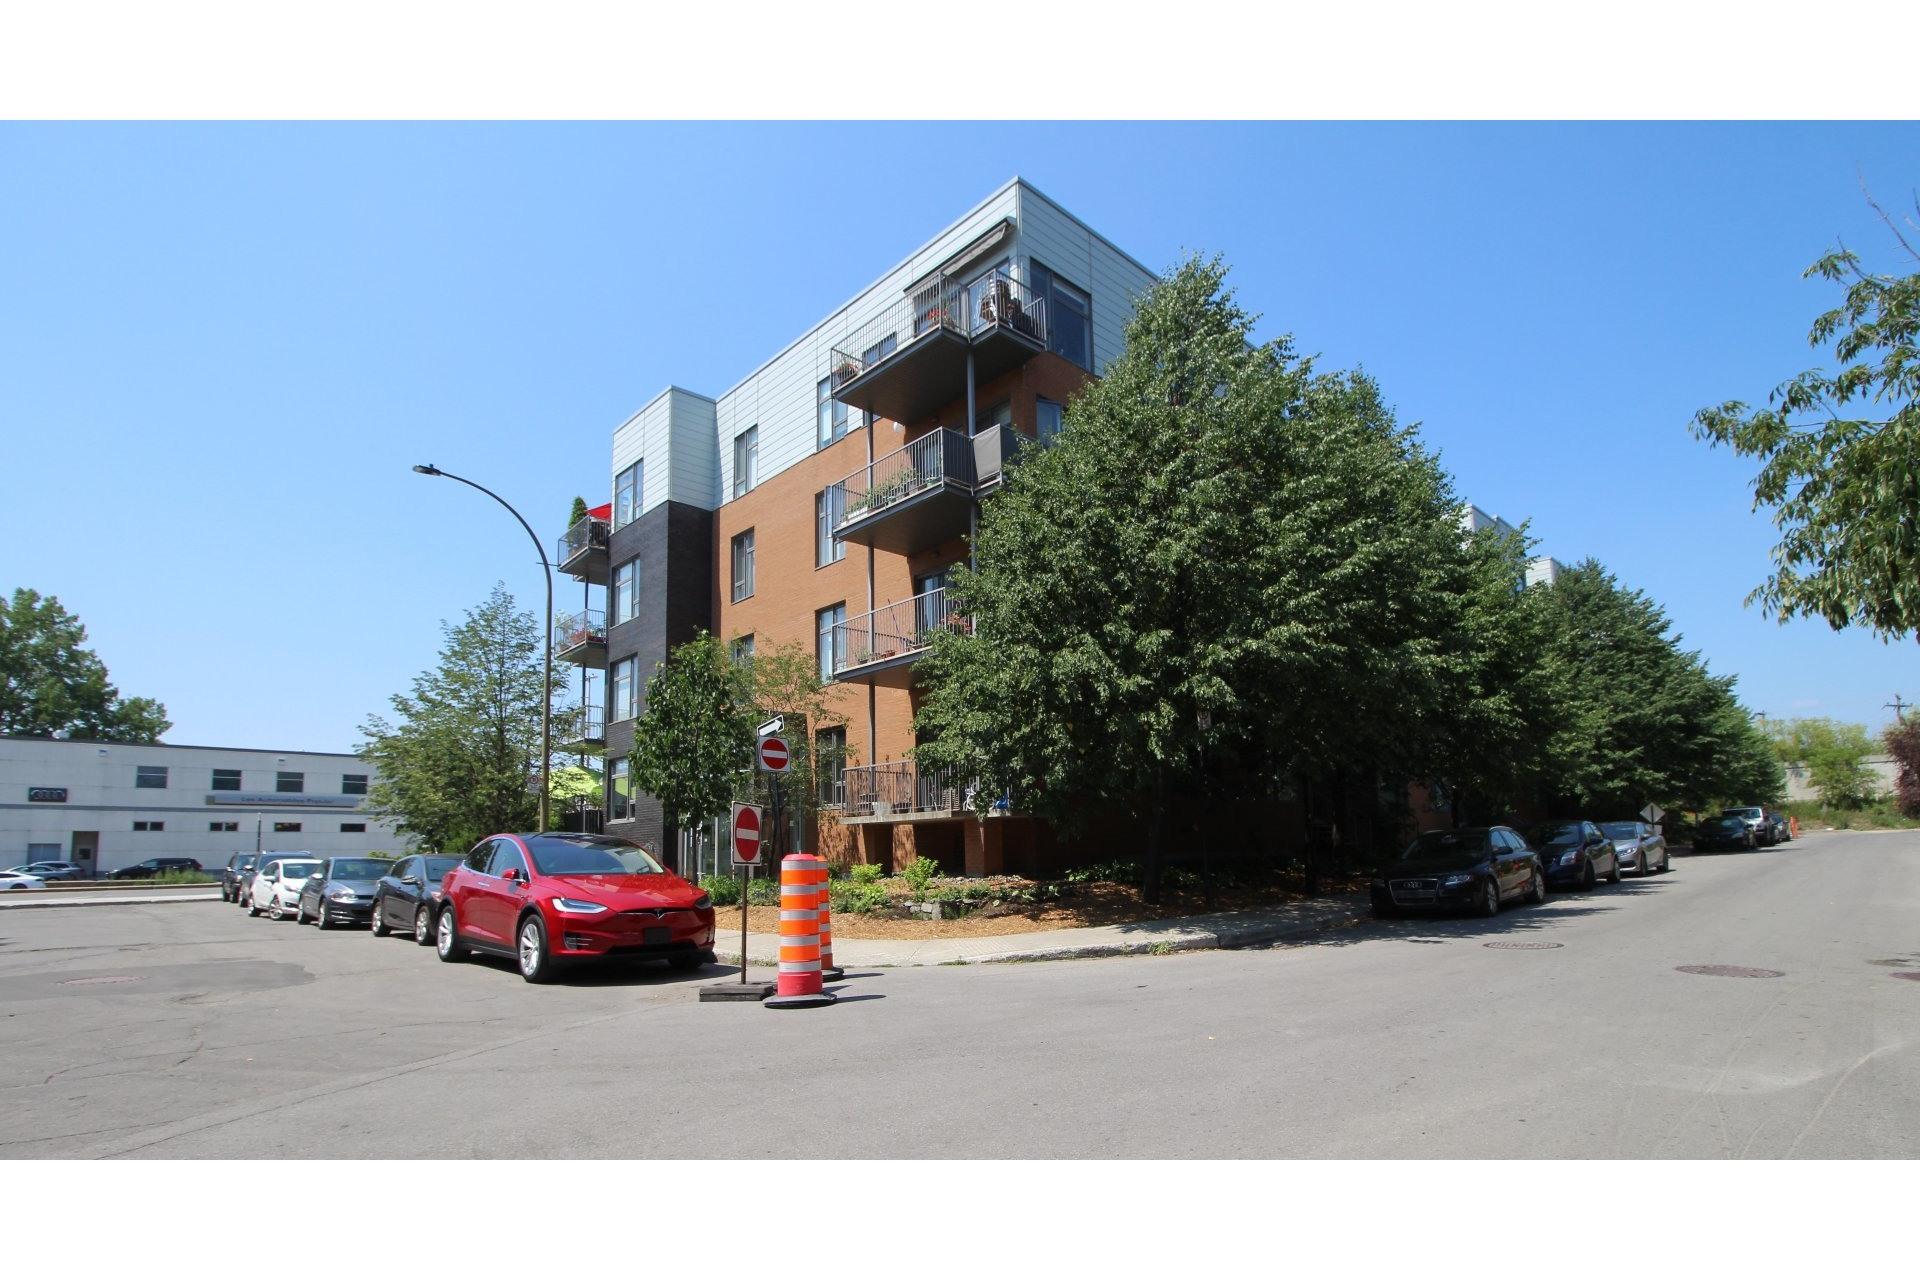 image 15 - Appartement À vendre Le Plateau-Mont-Royal Montréal  - 3 pièces